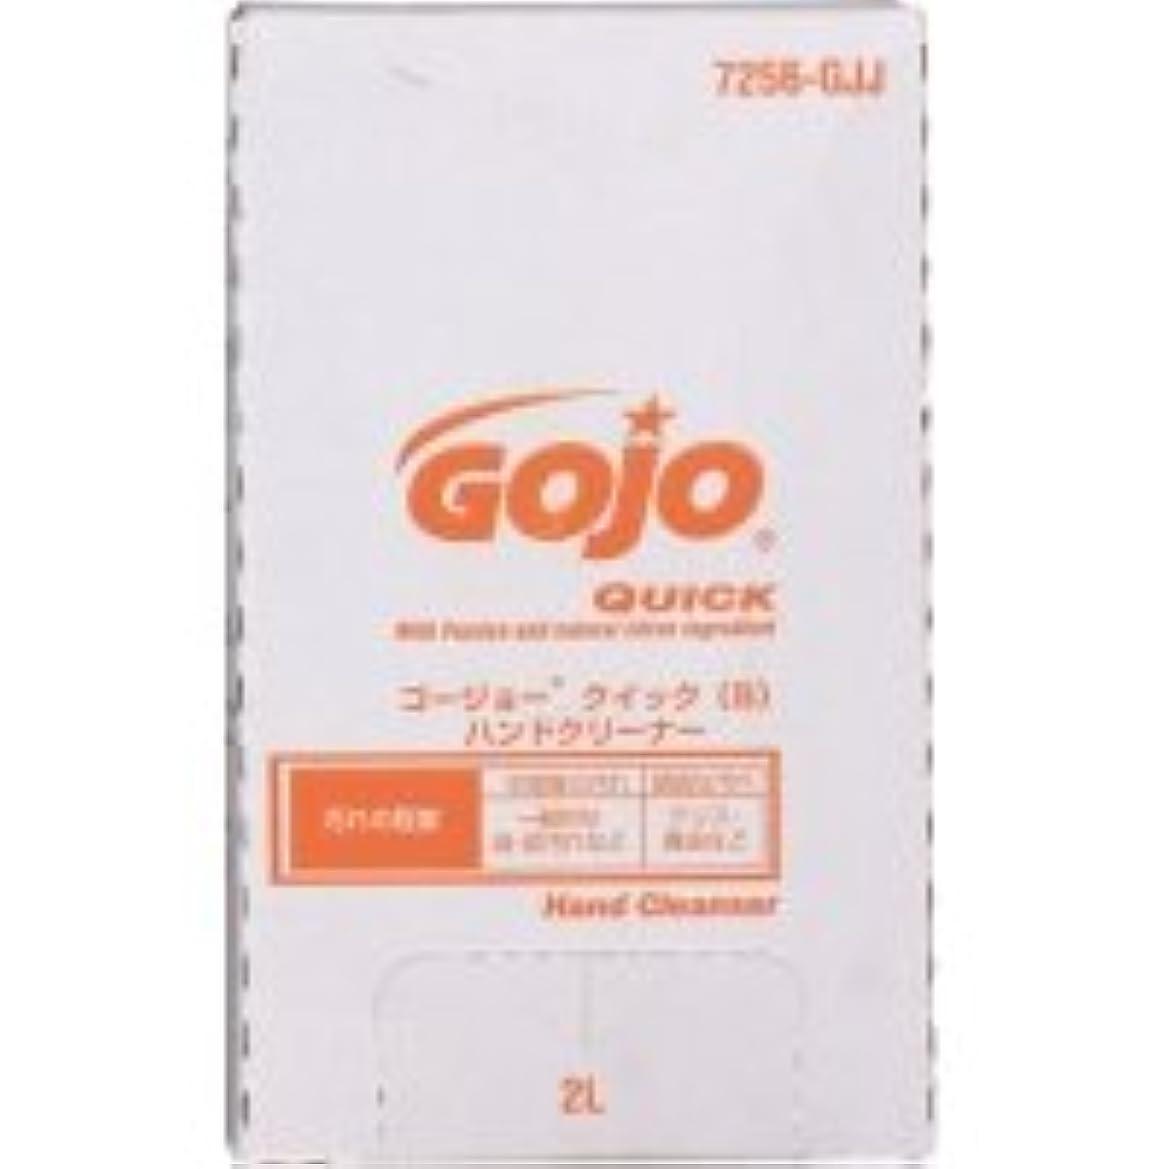 必要性選択火炎GOJO クイック(S)ハンドクリーナー ディスペンサー用 2000ml 1個